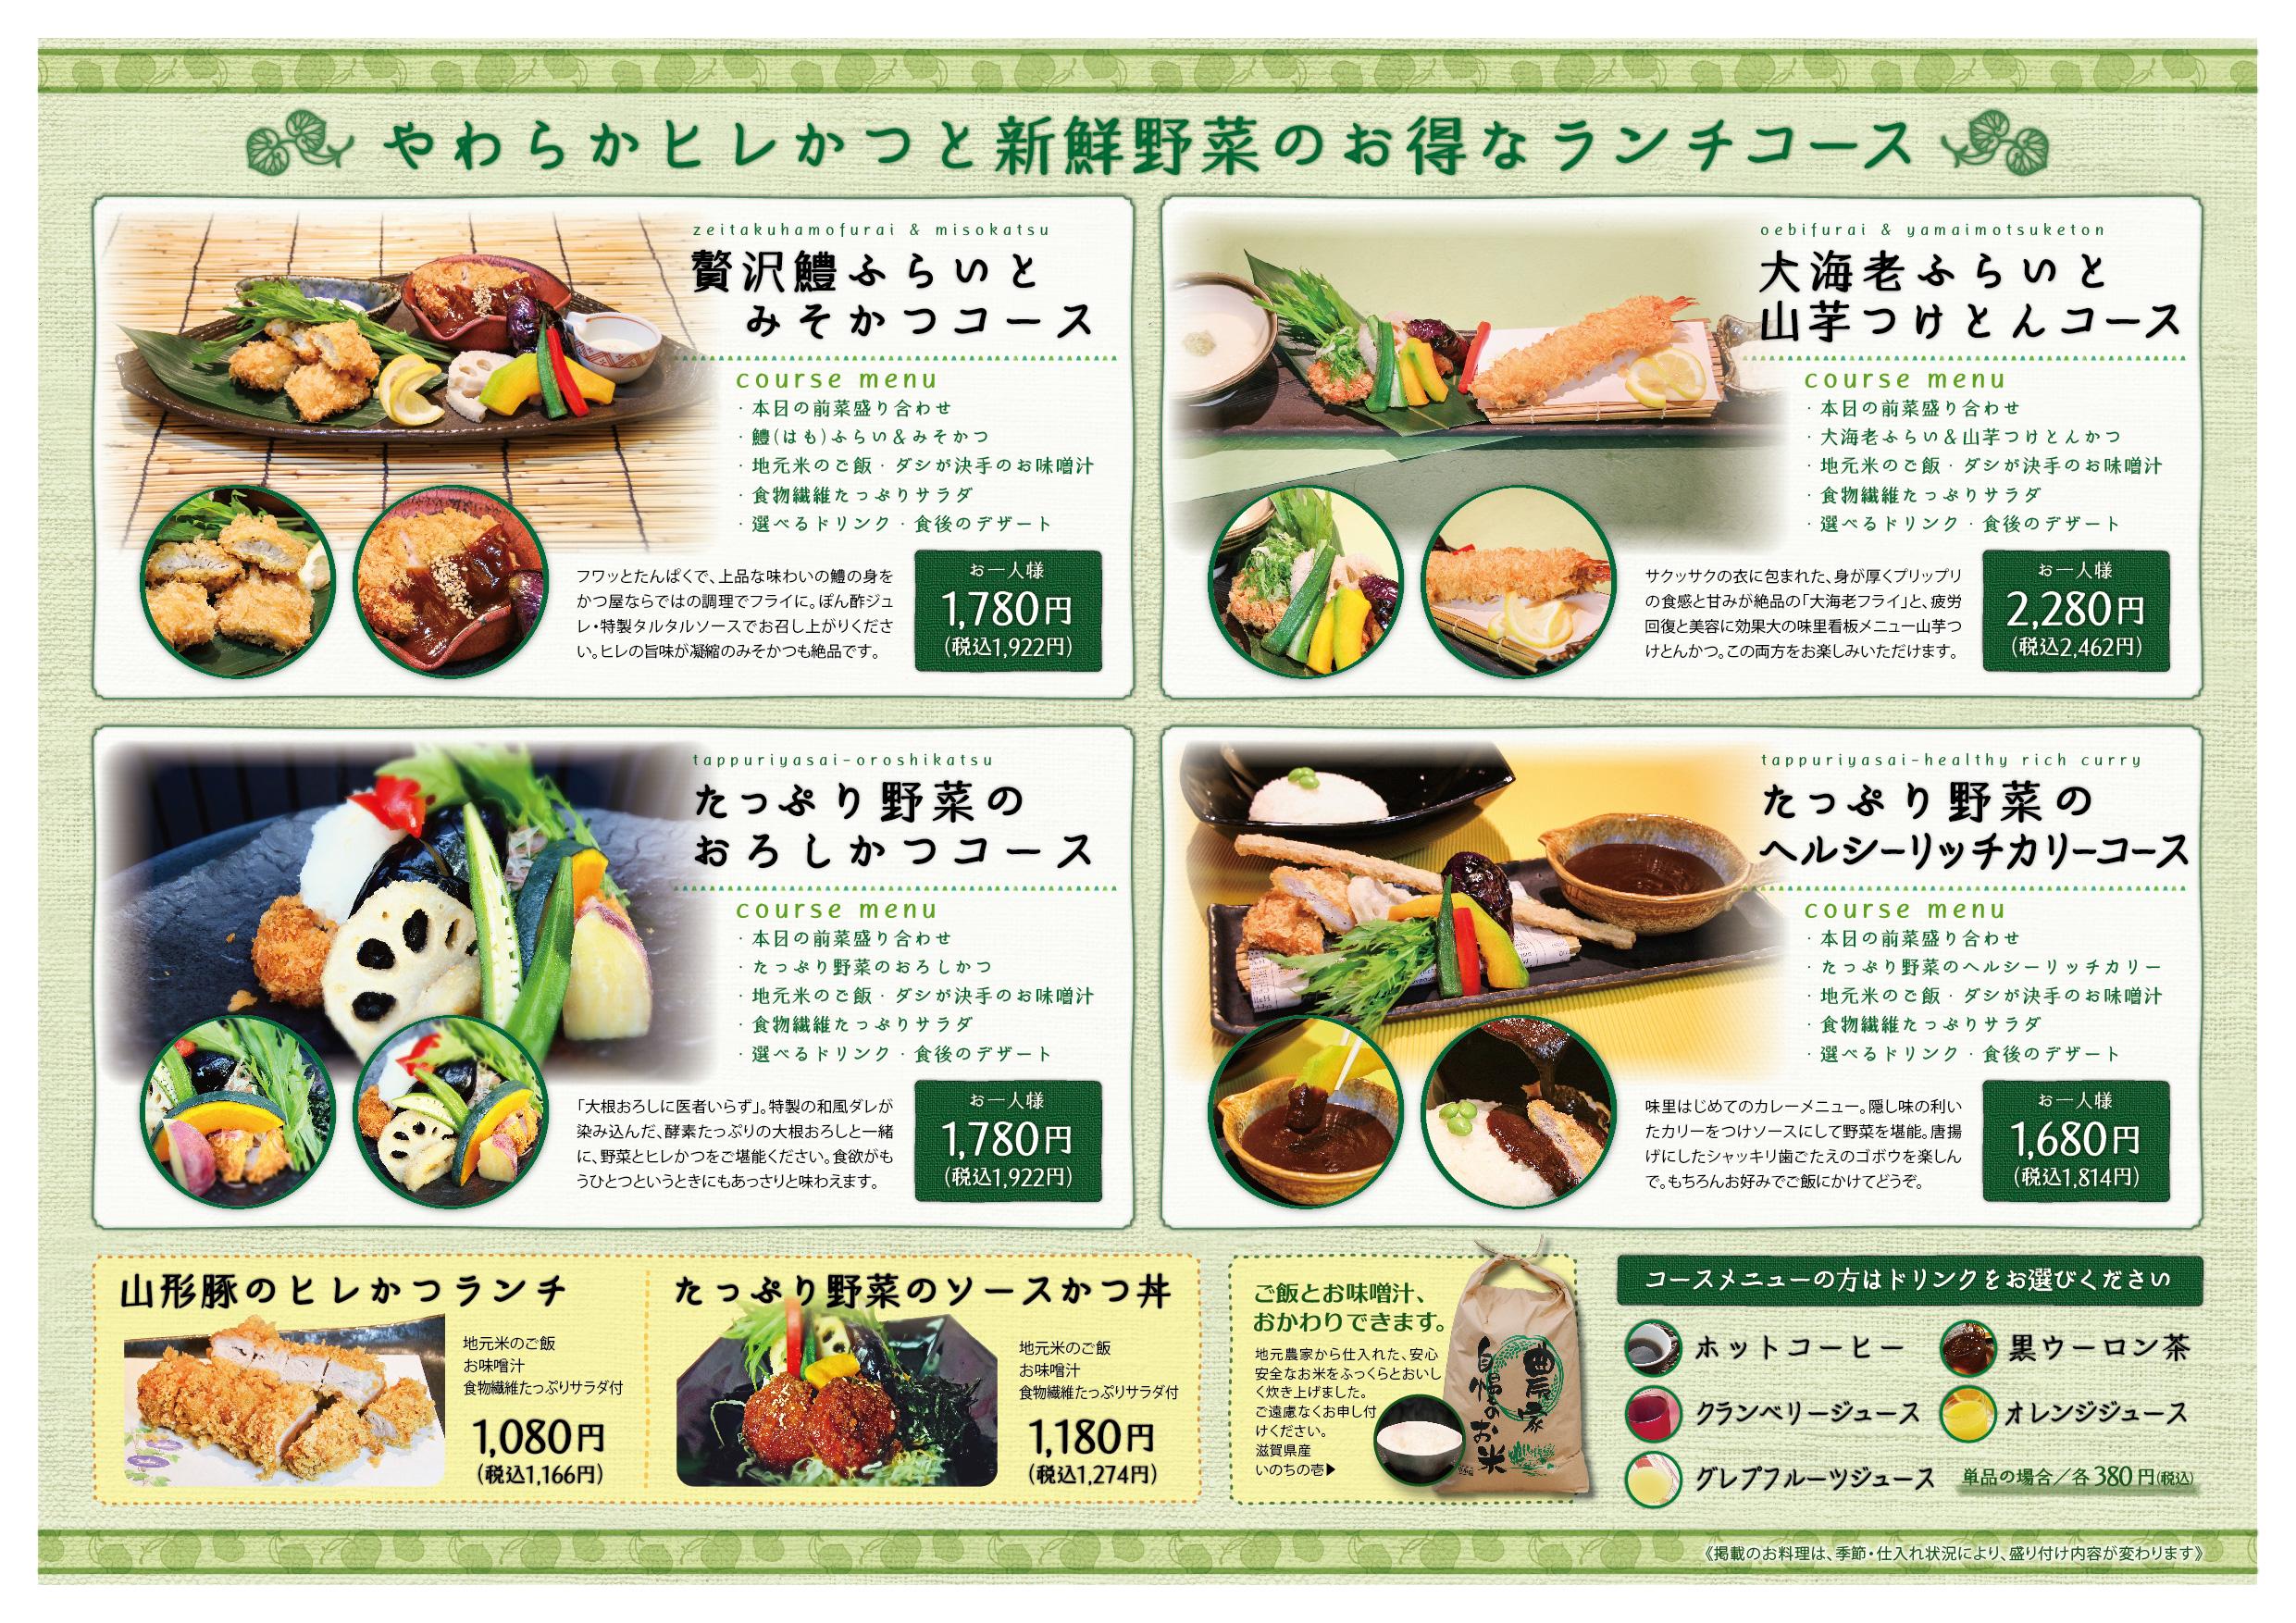 とんかつ味里 飲食店ランチメニューデザイン